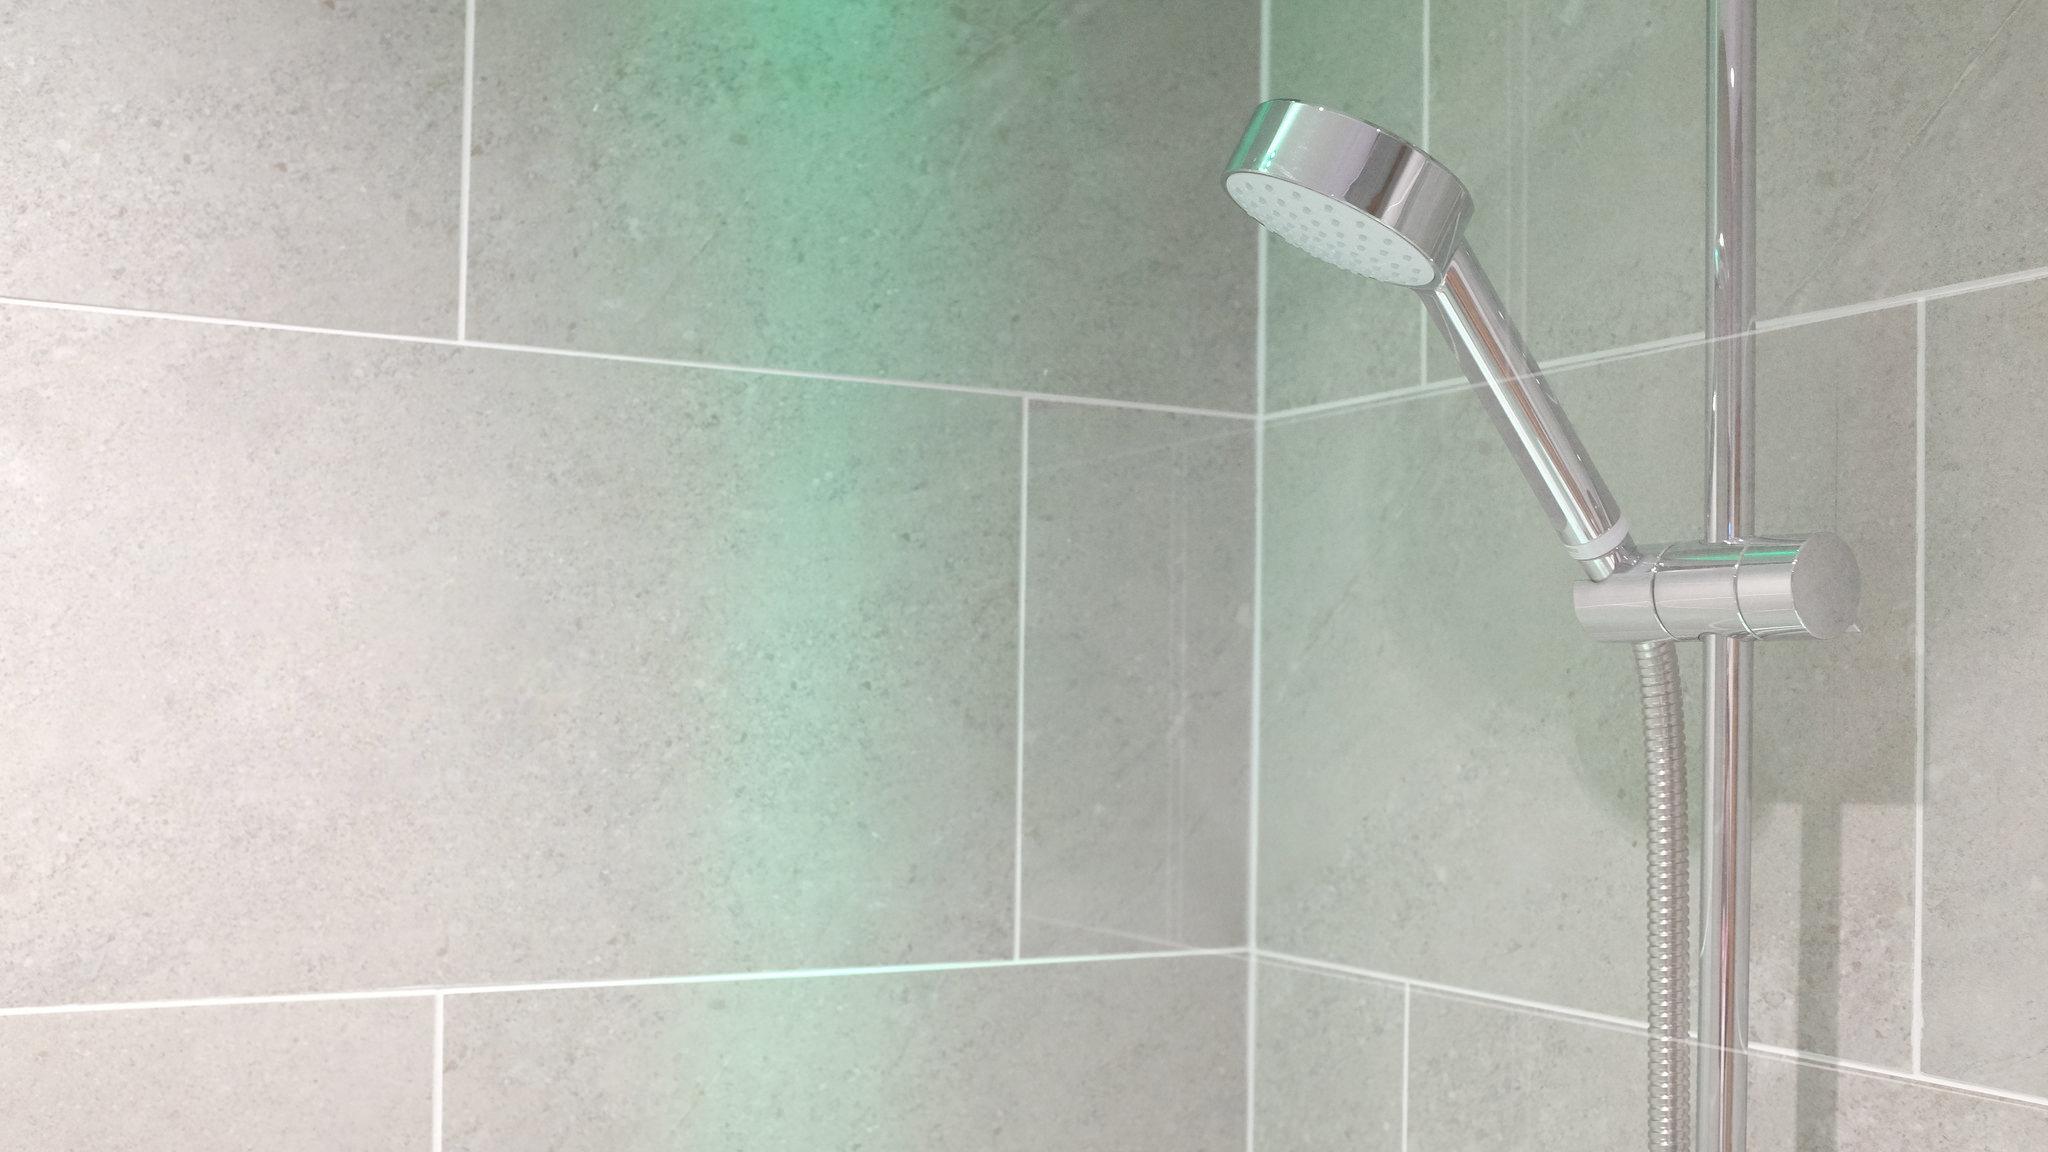 Bathroom small shower attachment